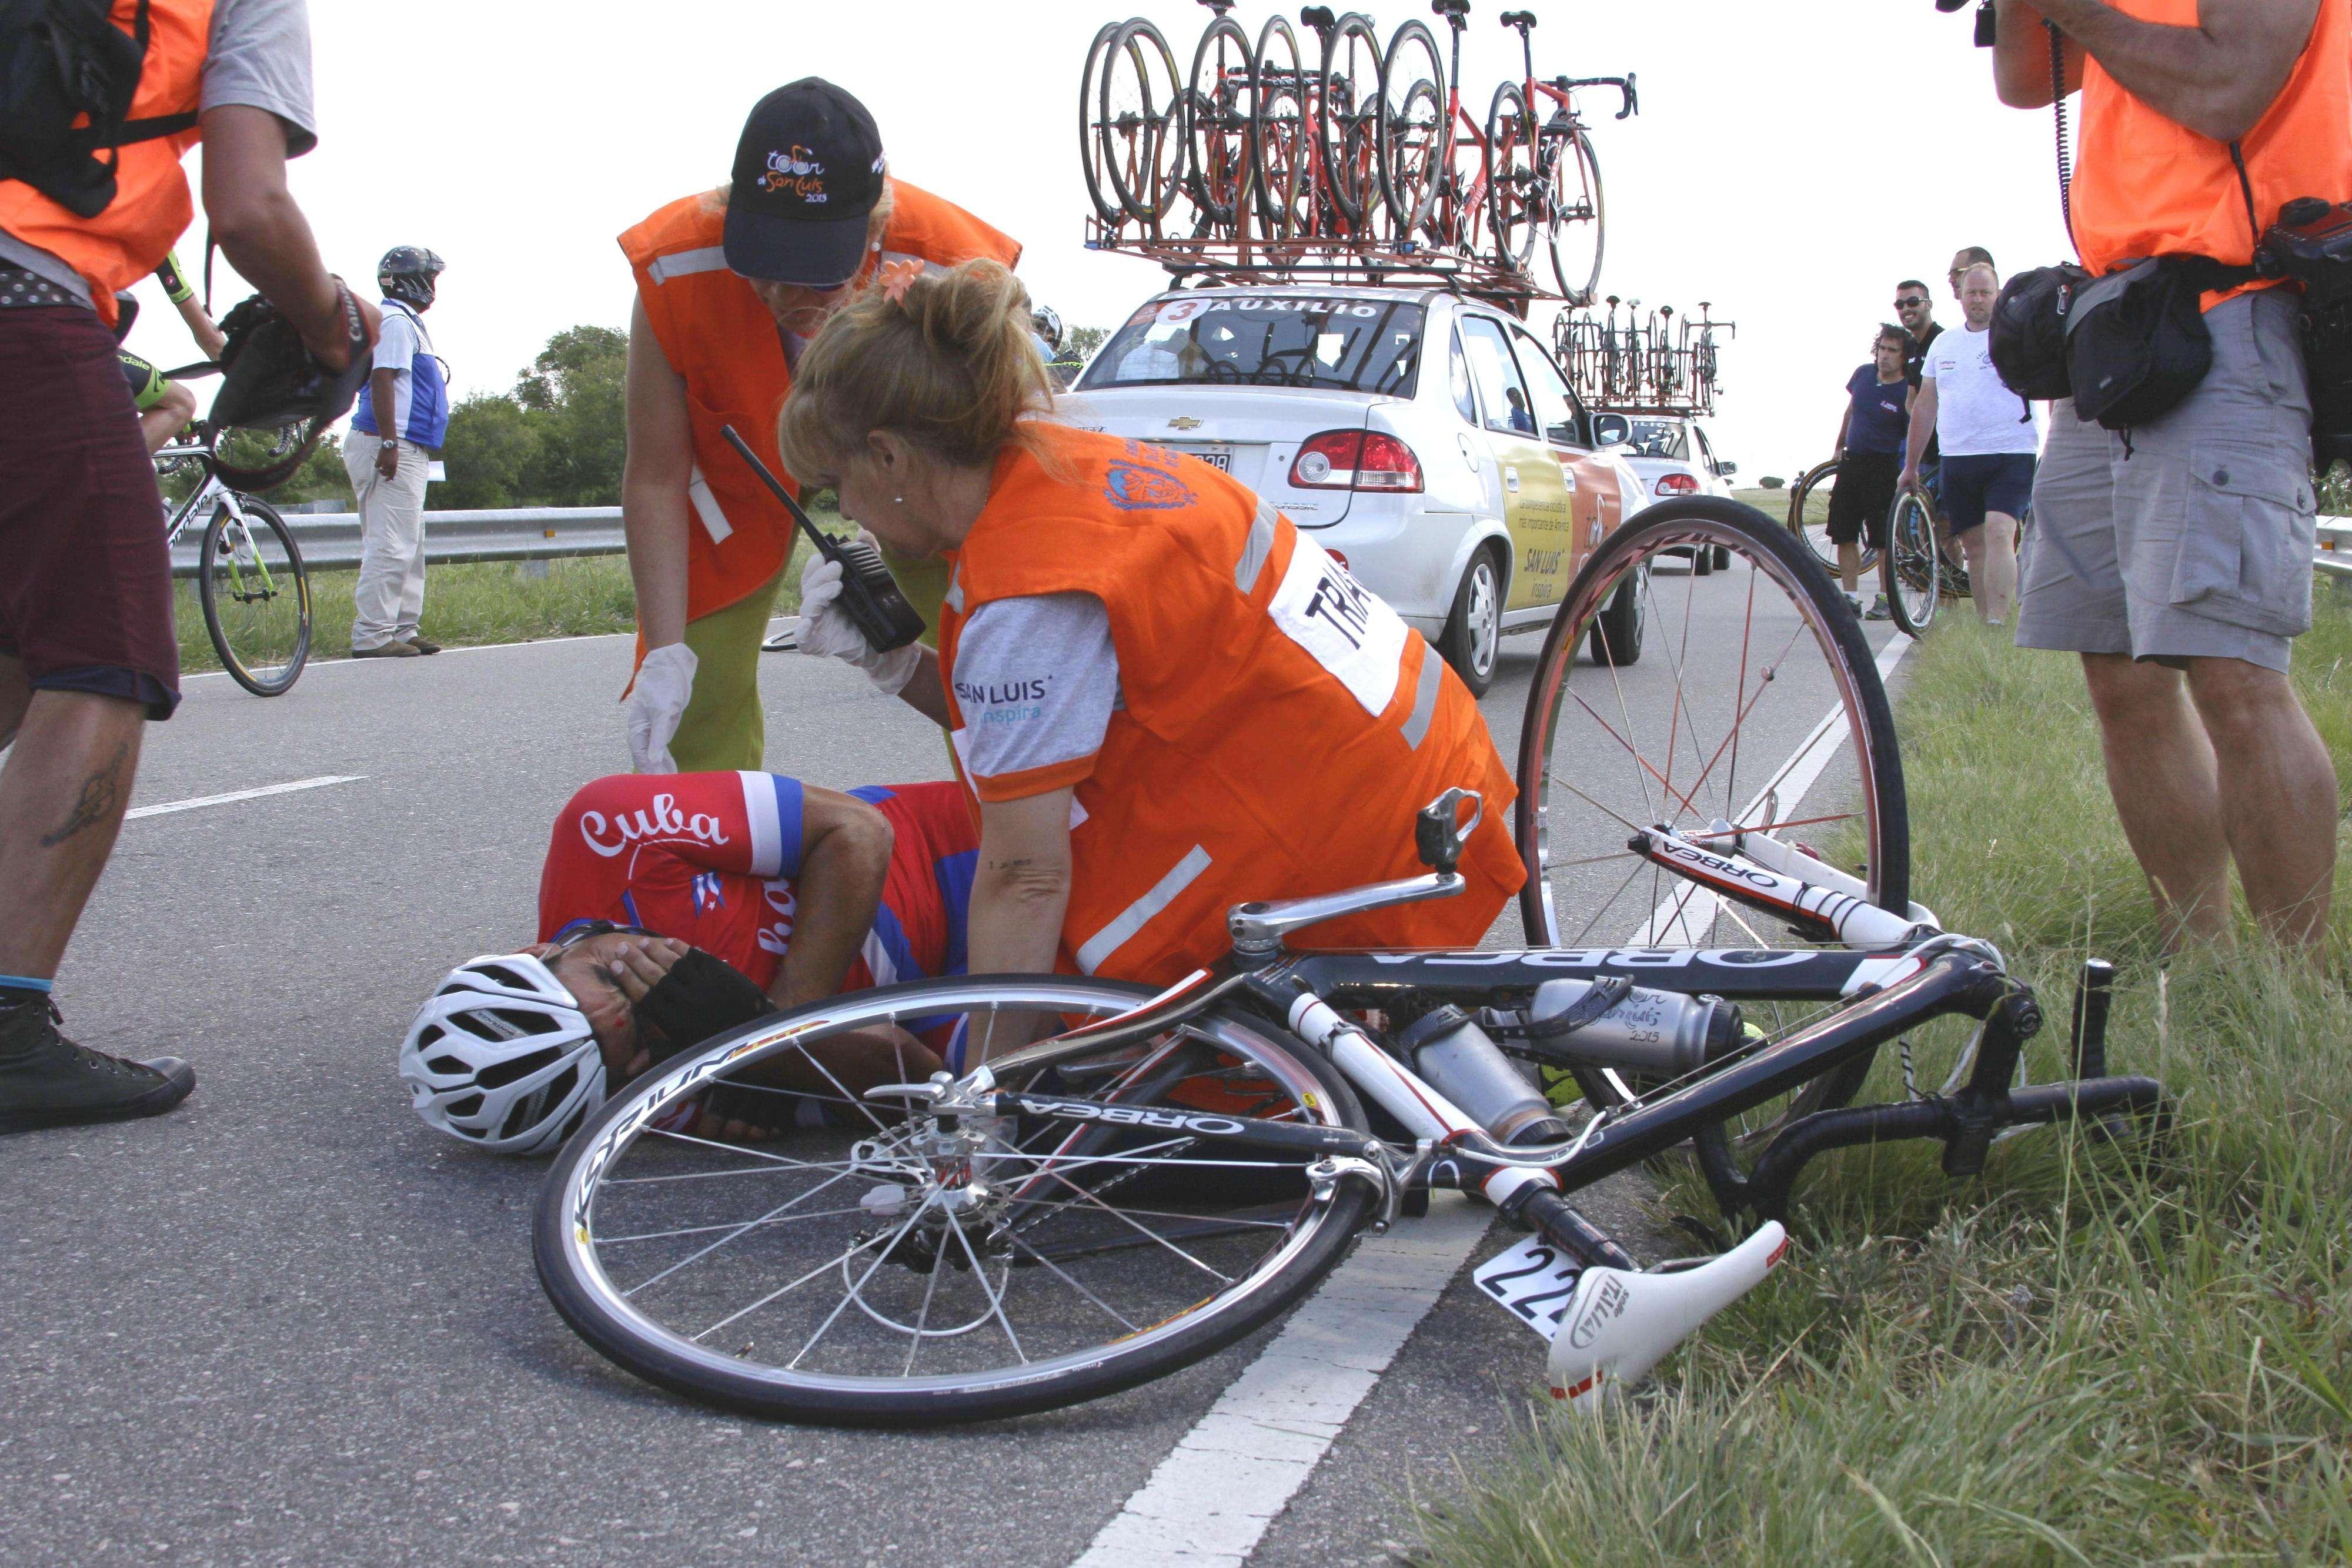 Accidentes hay siempre. Pero la mayoría sigue. Y son curados mientras ruedan. Foto: AGENCIA SAN LUIS / XEB PEREZ/